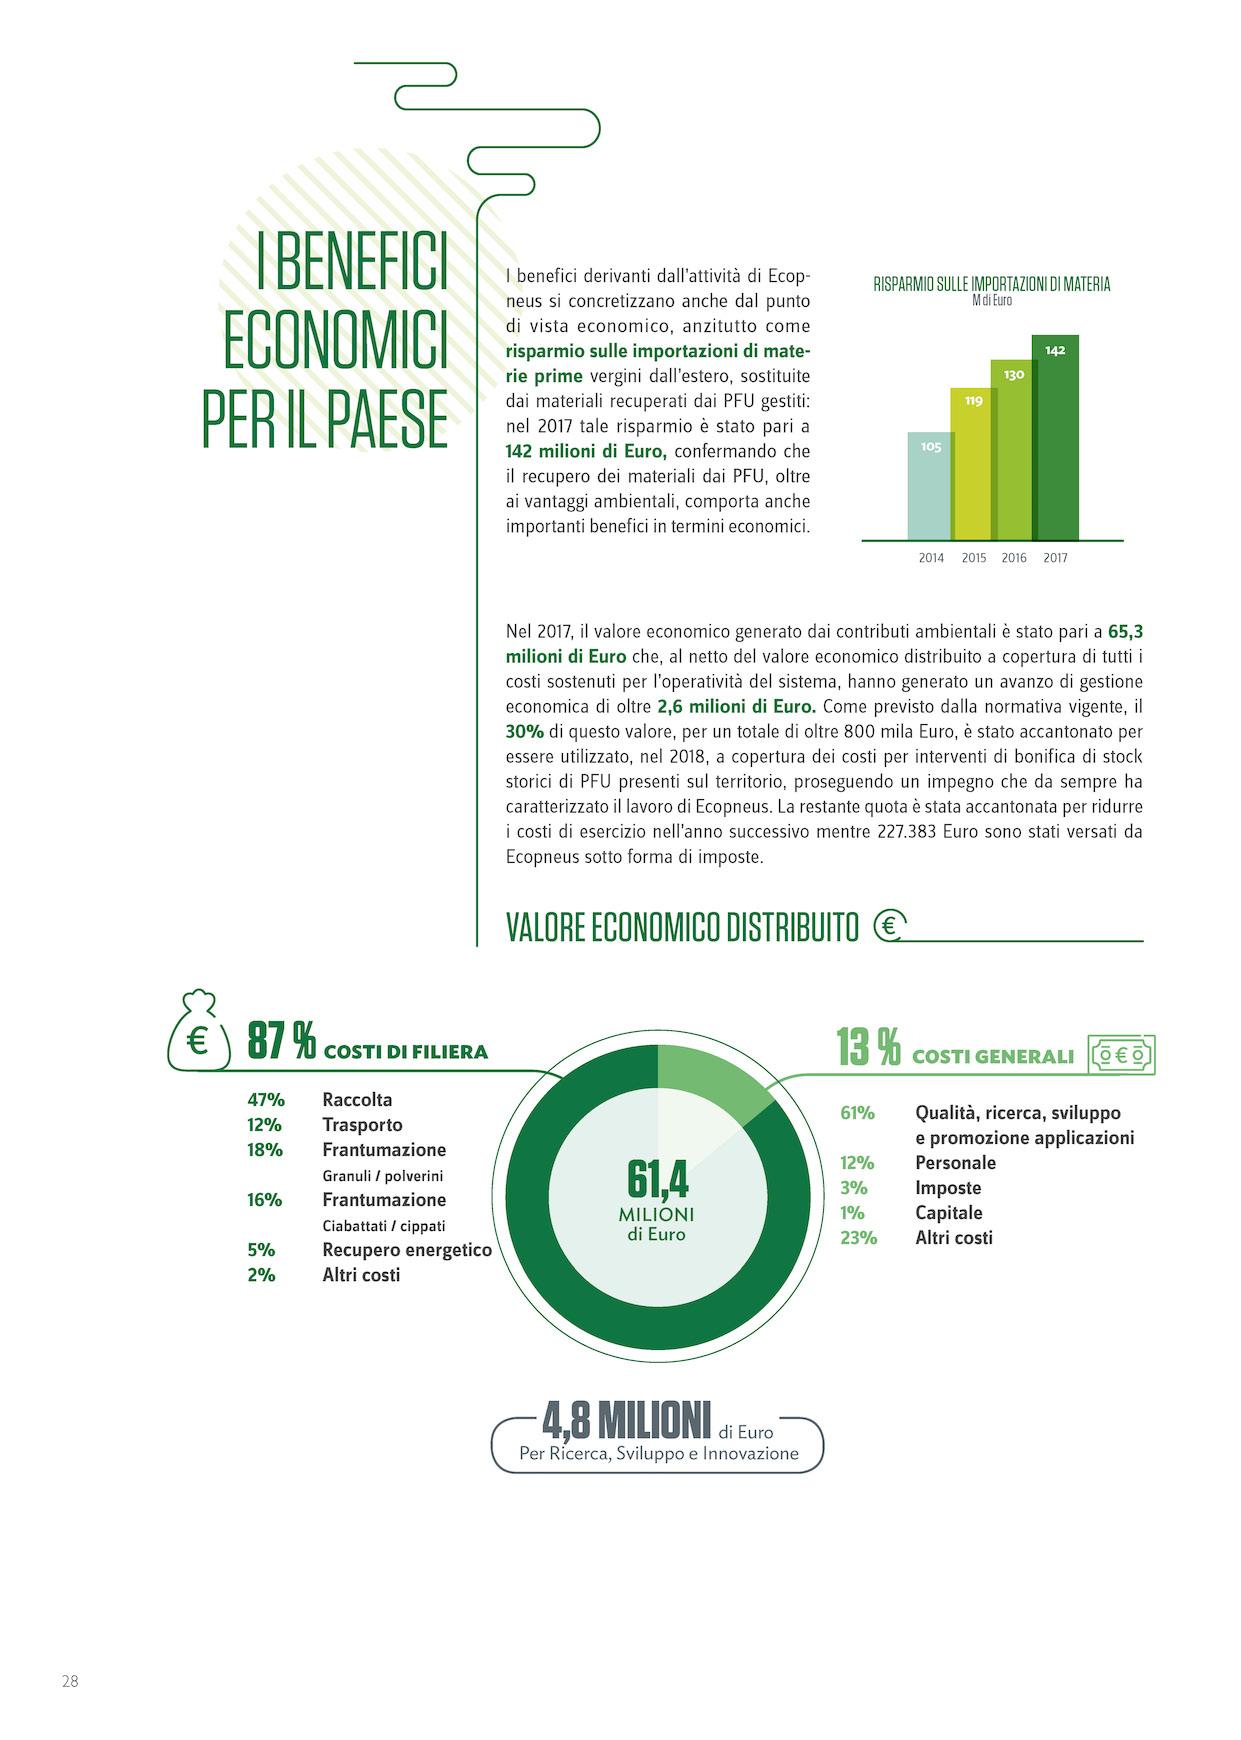 Ecopneus Brochure 2018_MondoMigliore_Pagina_7